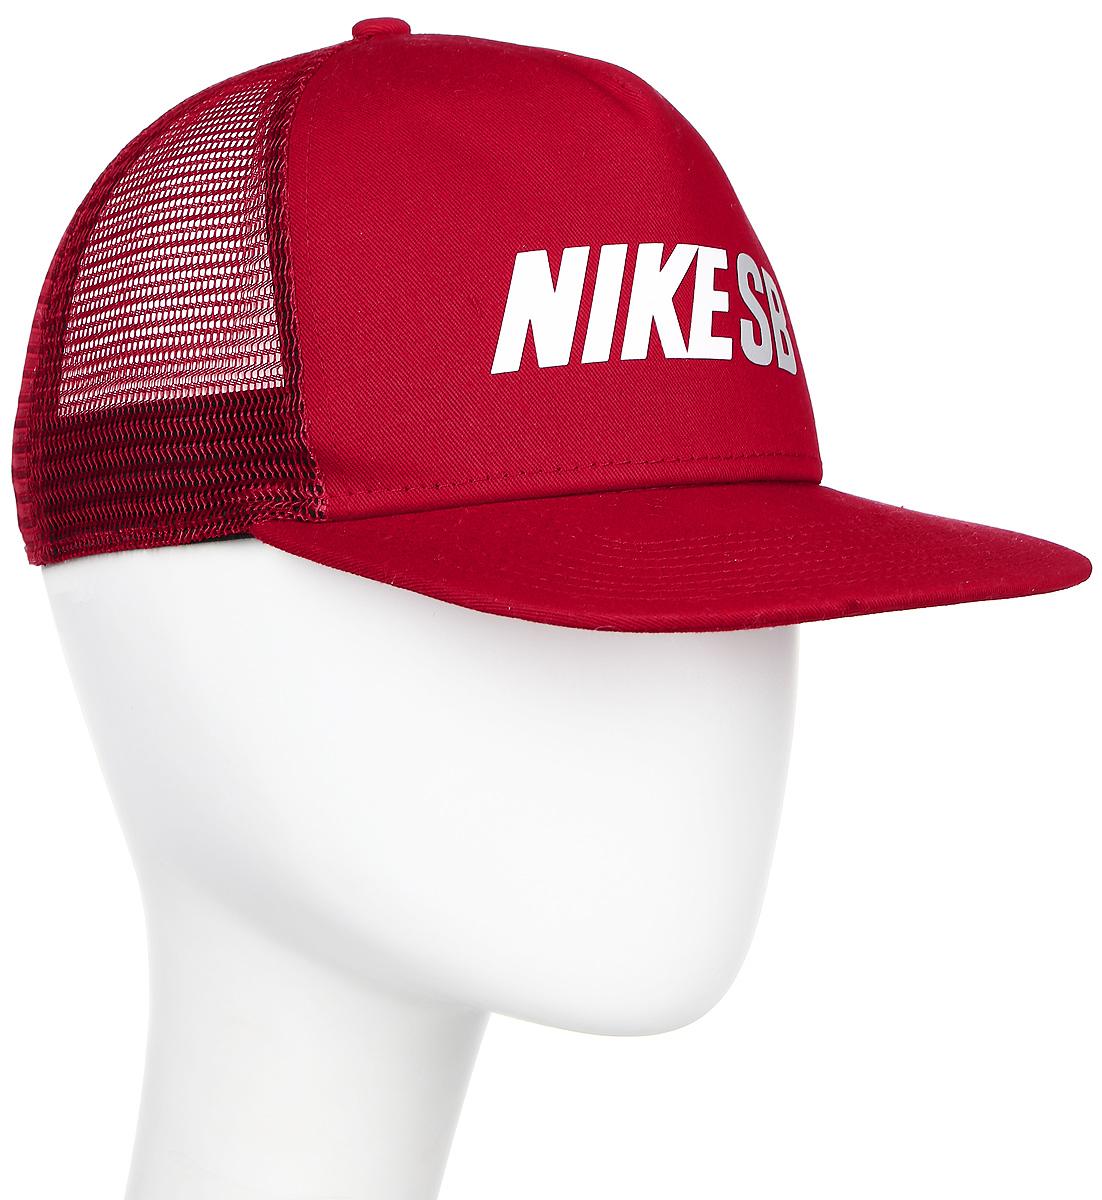 Бейсболка Nike Sb Reflect Trucker, цвет: красный. 806014-687. Размер универсальный reflect mini bt